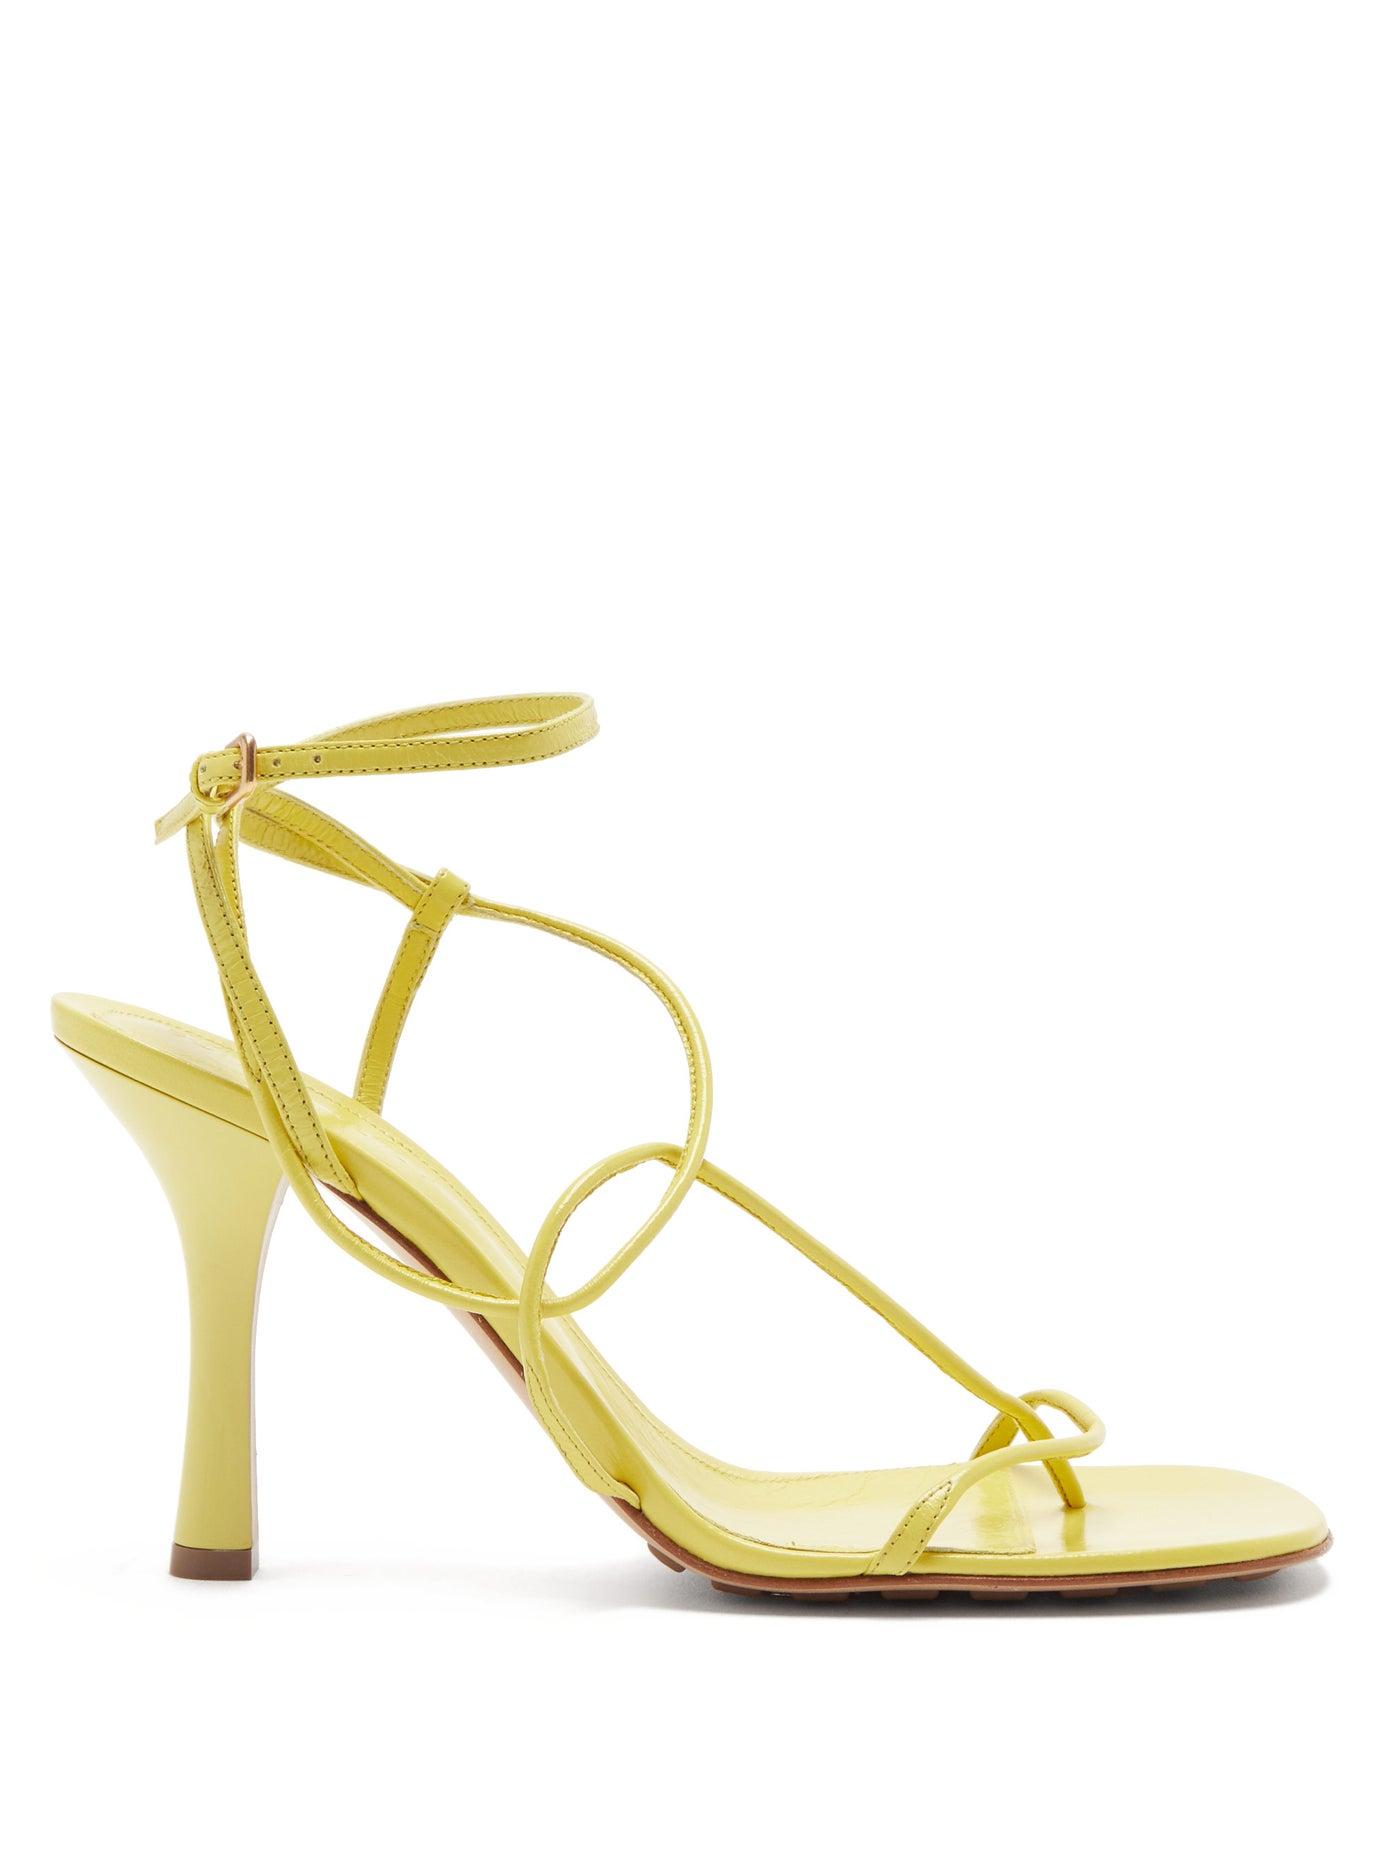 BV Line square-toe leather sandals by Bottega Veneta, available on matchesfashion.com for $930 Kourtney Kardashian Shoes Exact Product